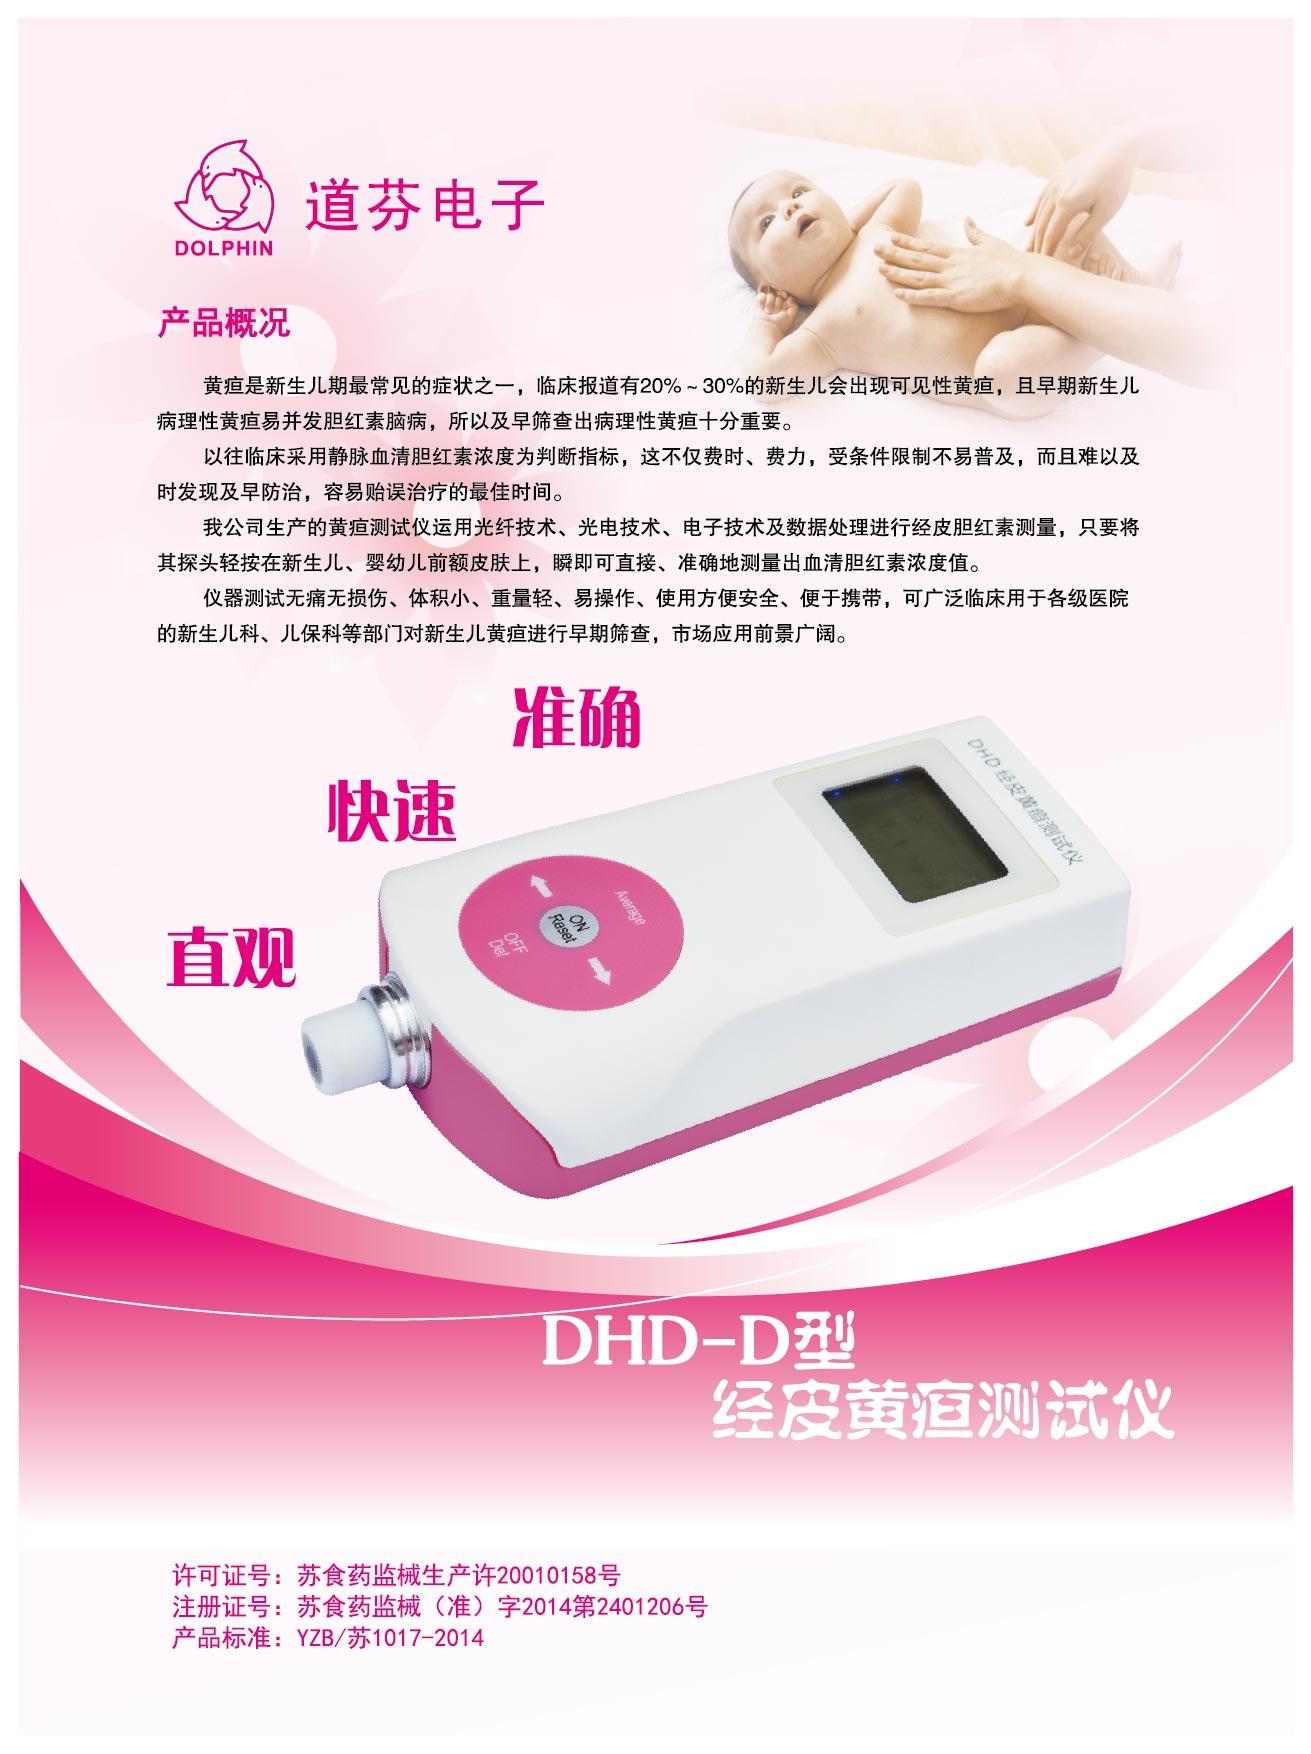 南京道芬经皮黄疸测试仪 两种测量单位、平均值、存储、锂电池